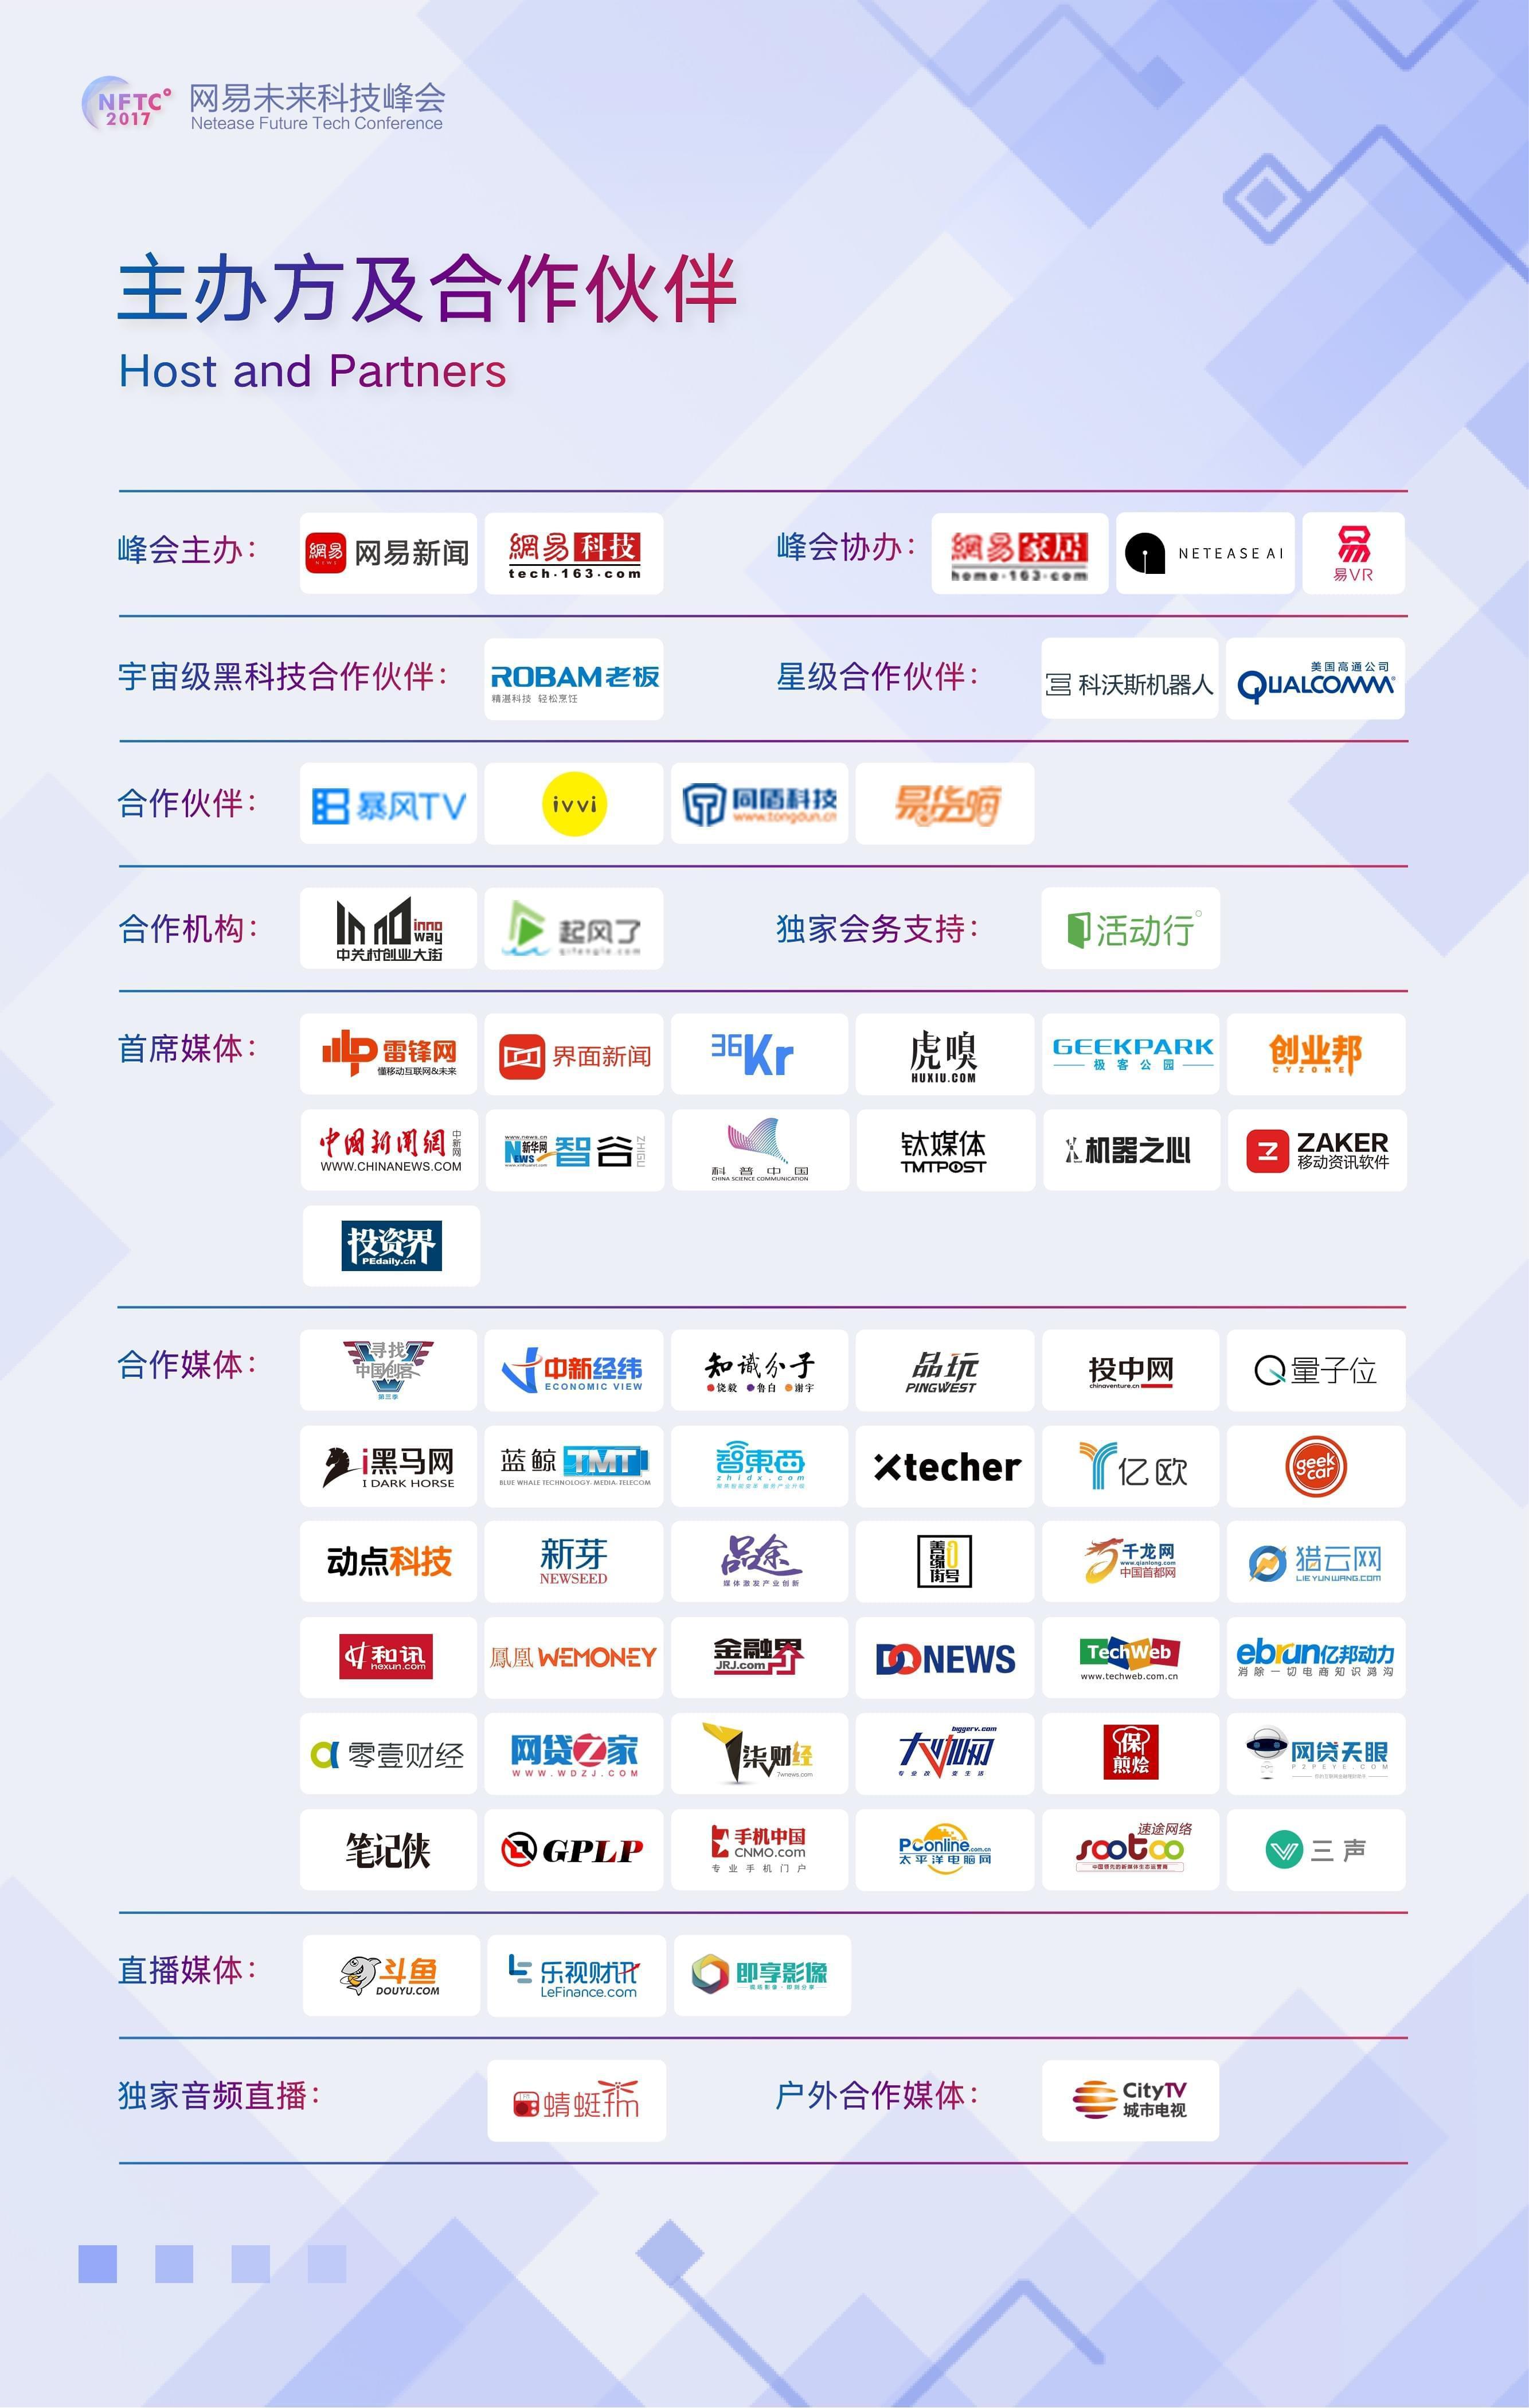 2017网易未来科技峰会:人工智能会统治人类吗?